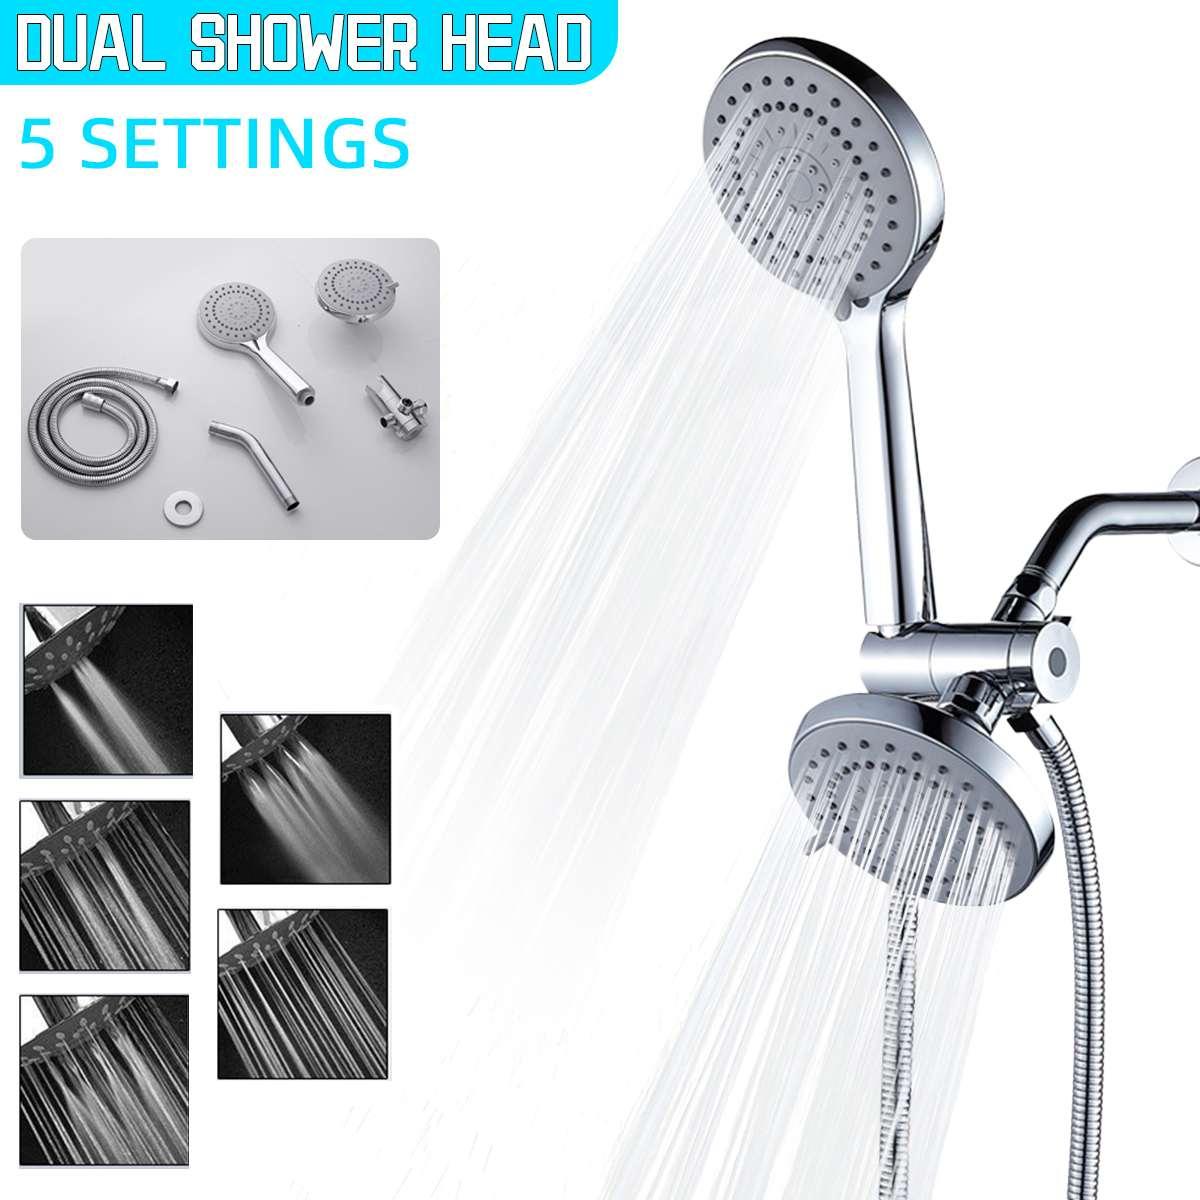 5 طرق رؤوس الدش 3in1 المزدوج الحمام مجموعة لحنفيات حوض الاستحمام دش حمام ارتفاع ضغط شلال الكروم فلتر الدش الرأسي